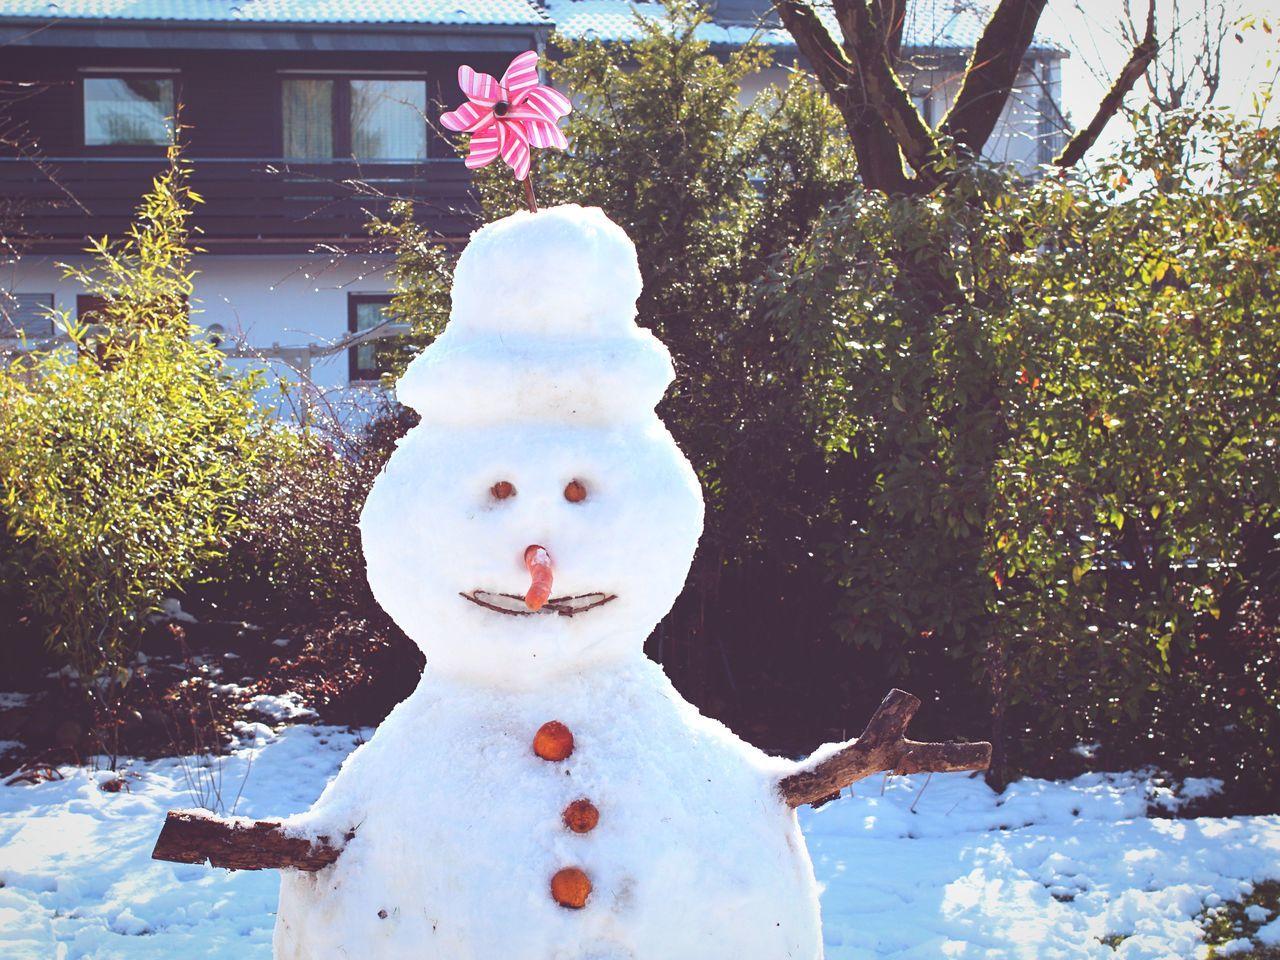 Snowman Deepfreeze Everyday Joy